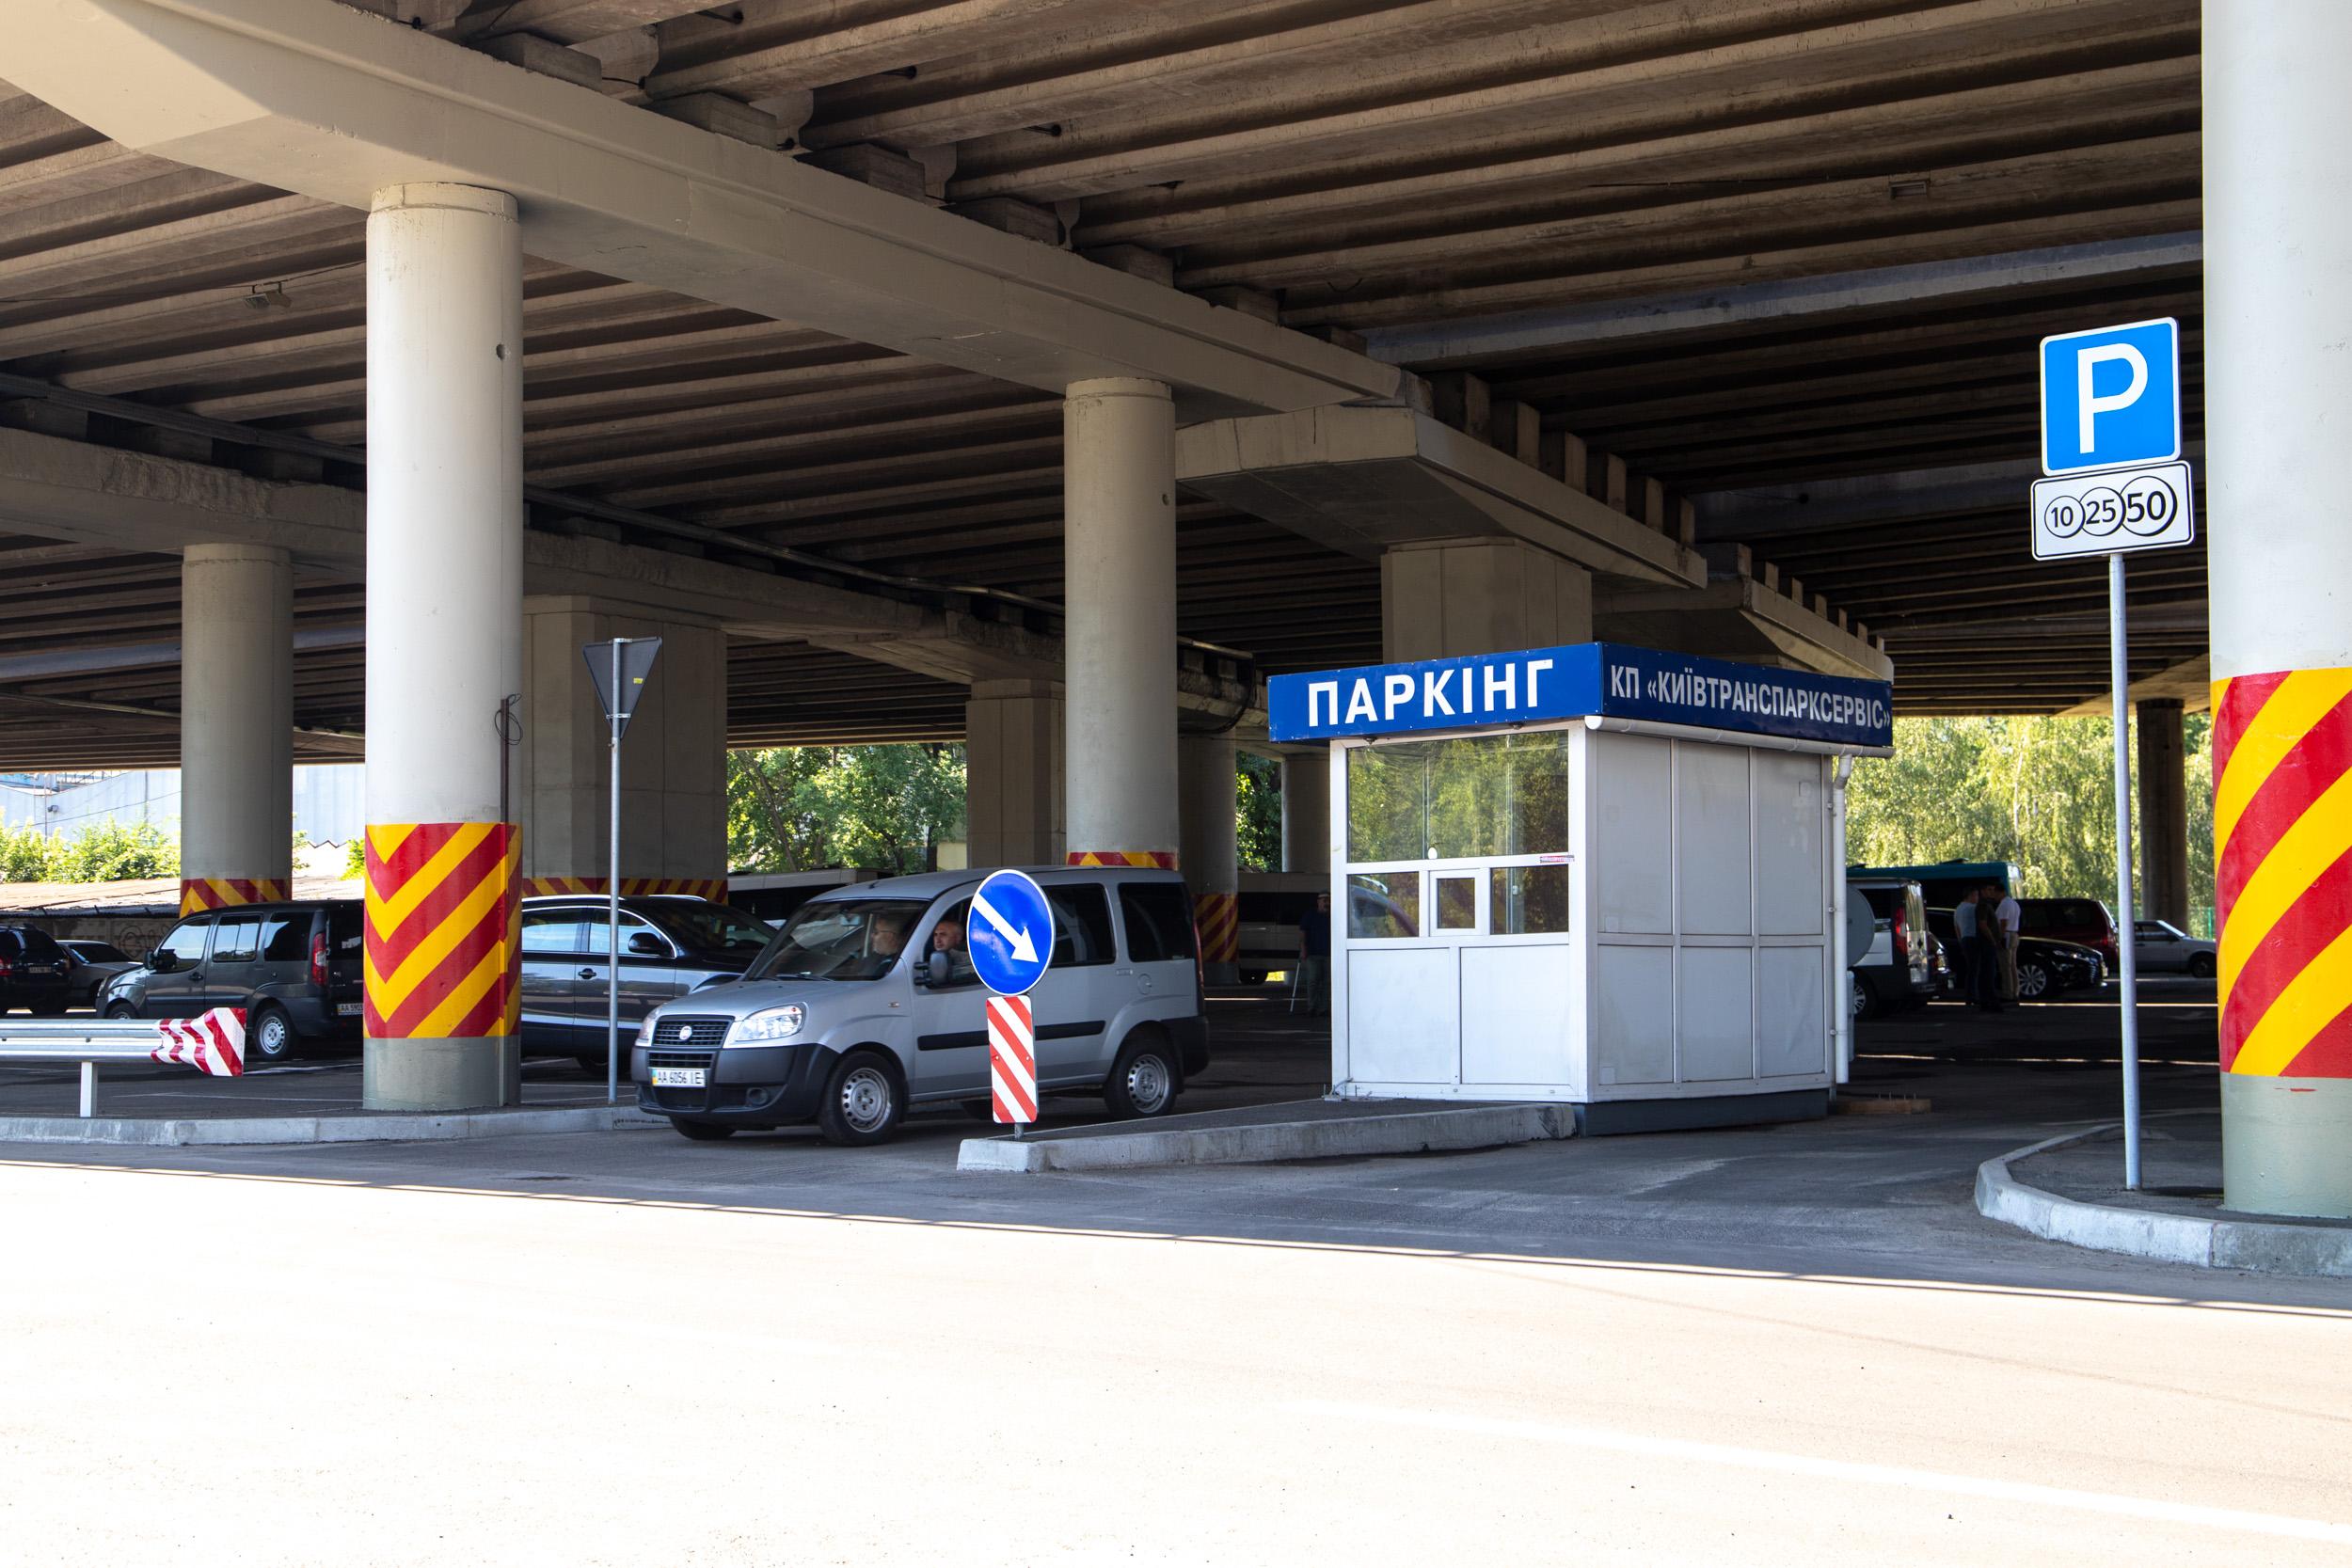 Оплачуйте паркувальний абонемент у Parking UA карткою Mastercard® зі знижкою 10%